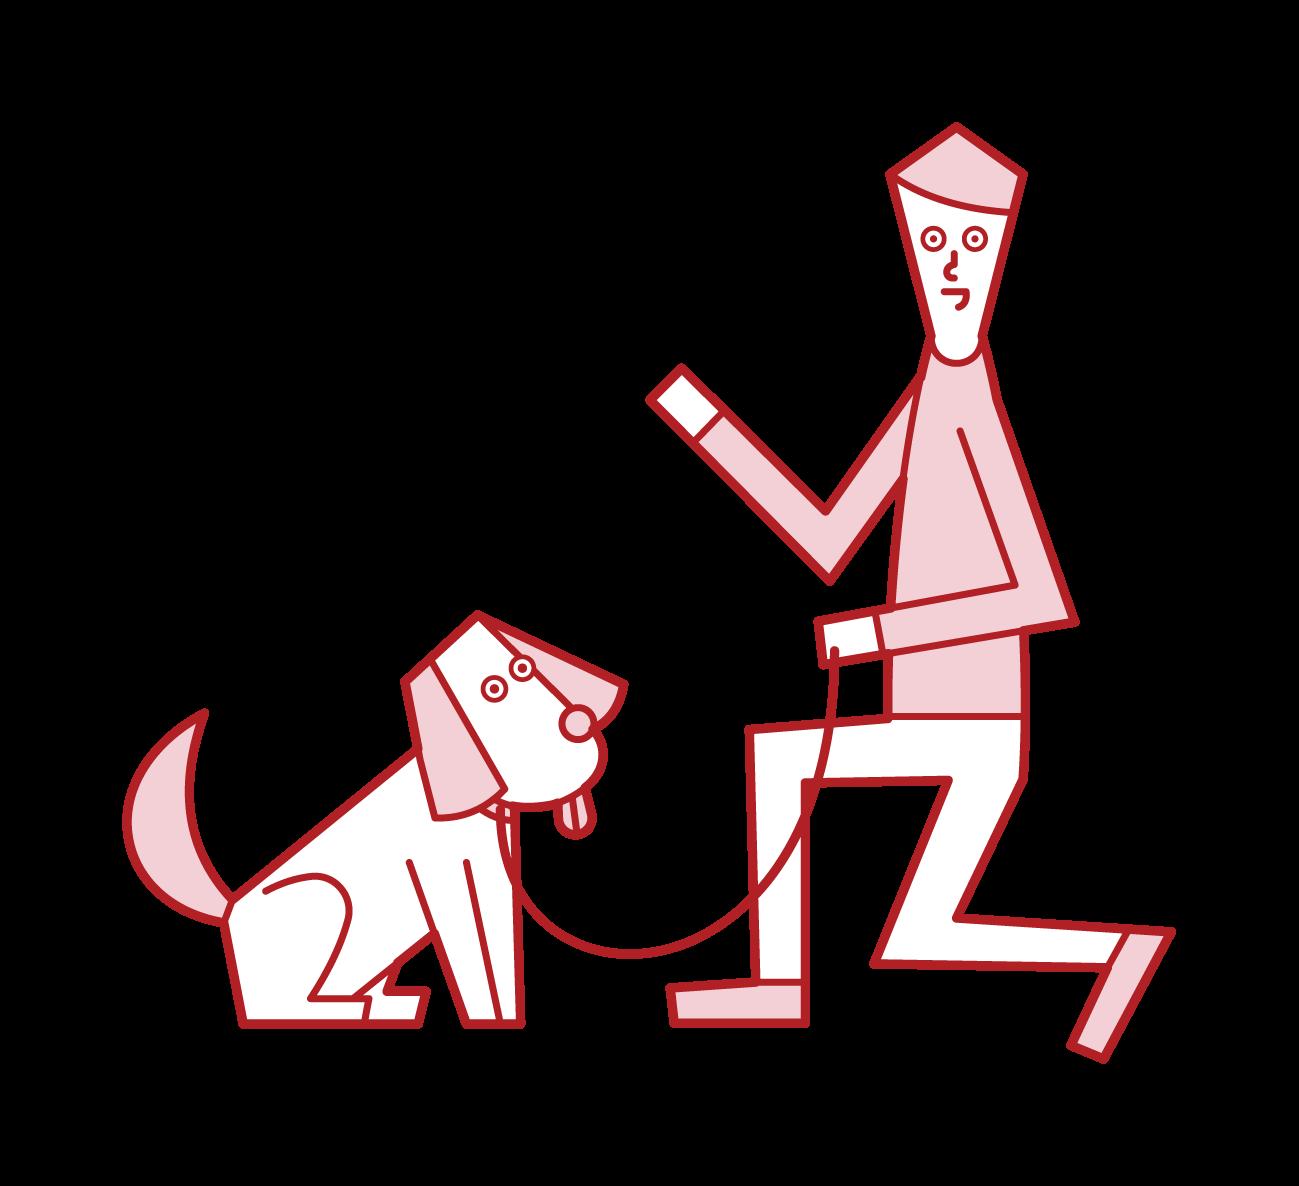 애완 동물 시터 (남성)의 일러스트